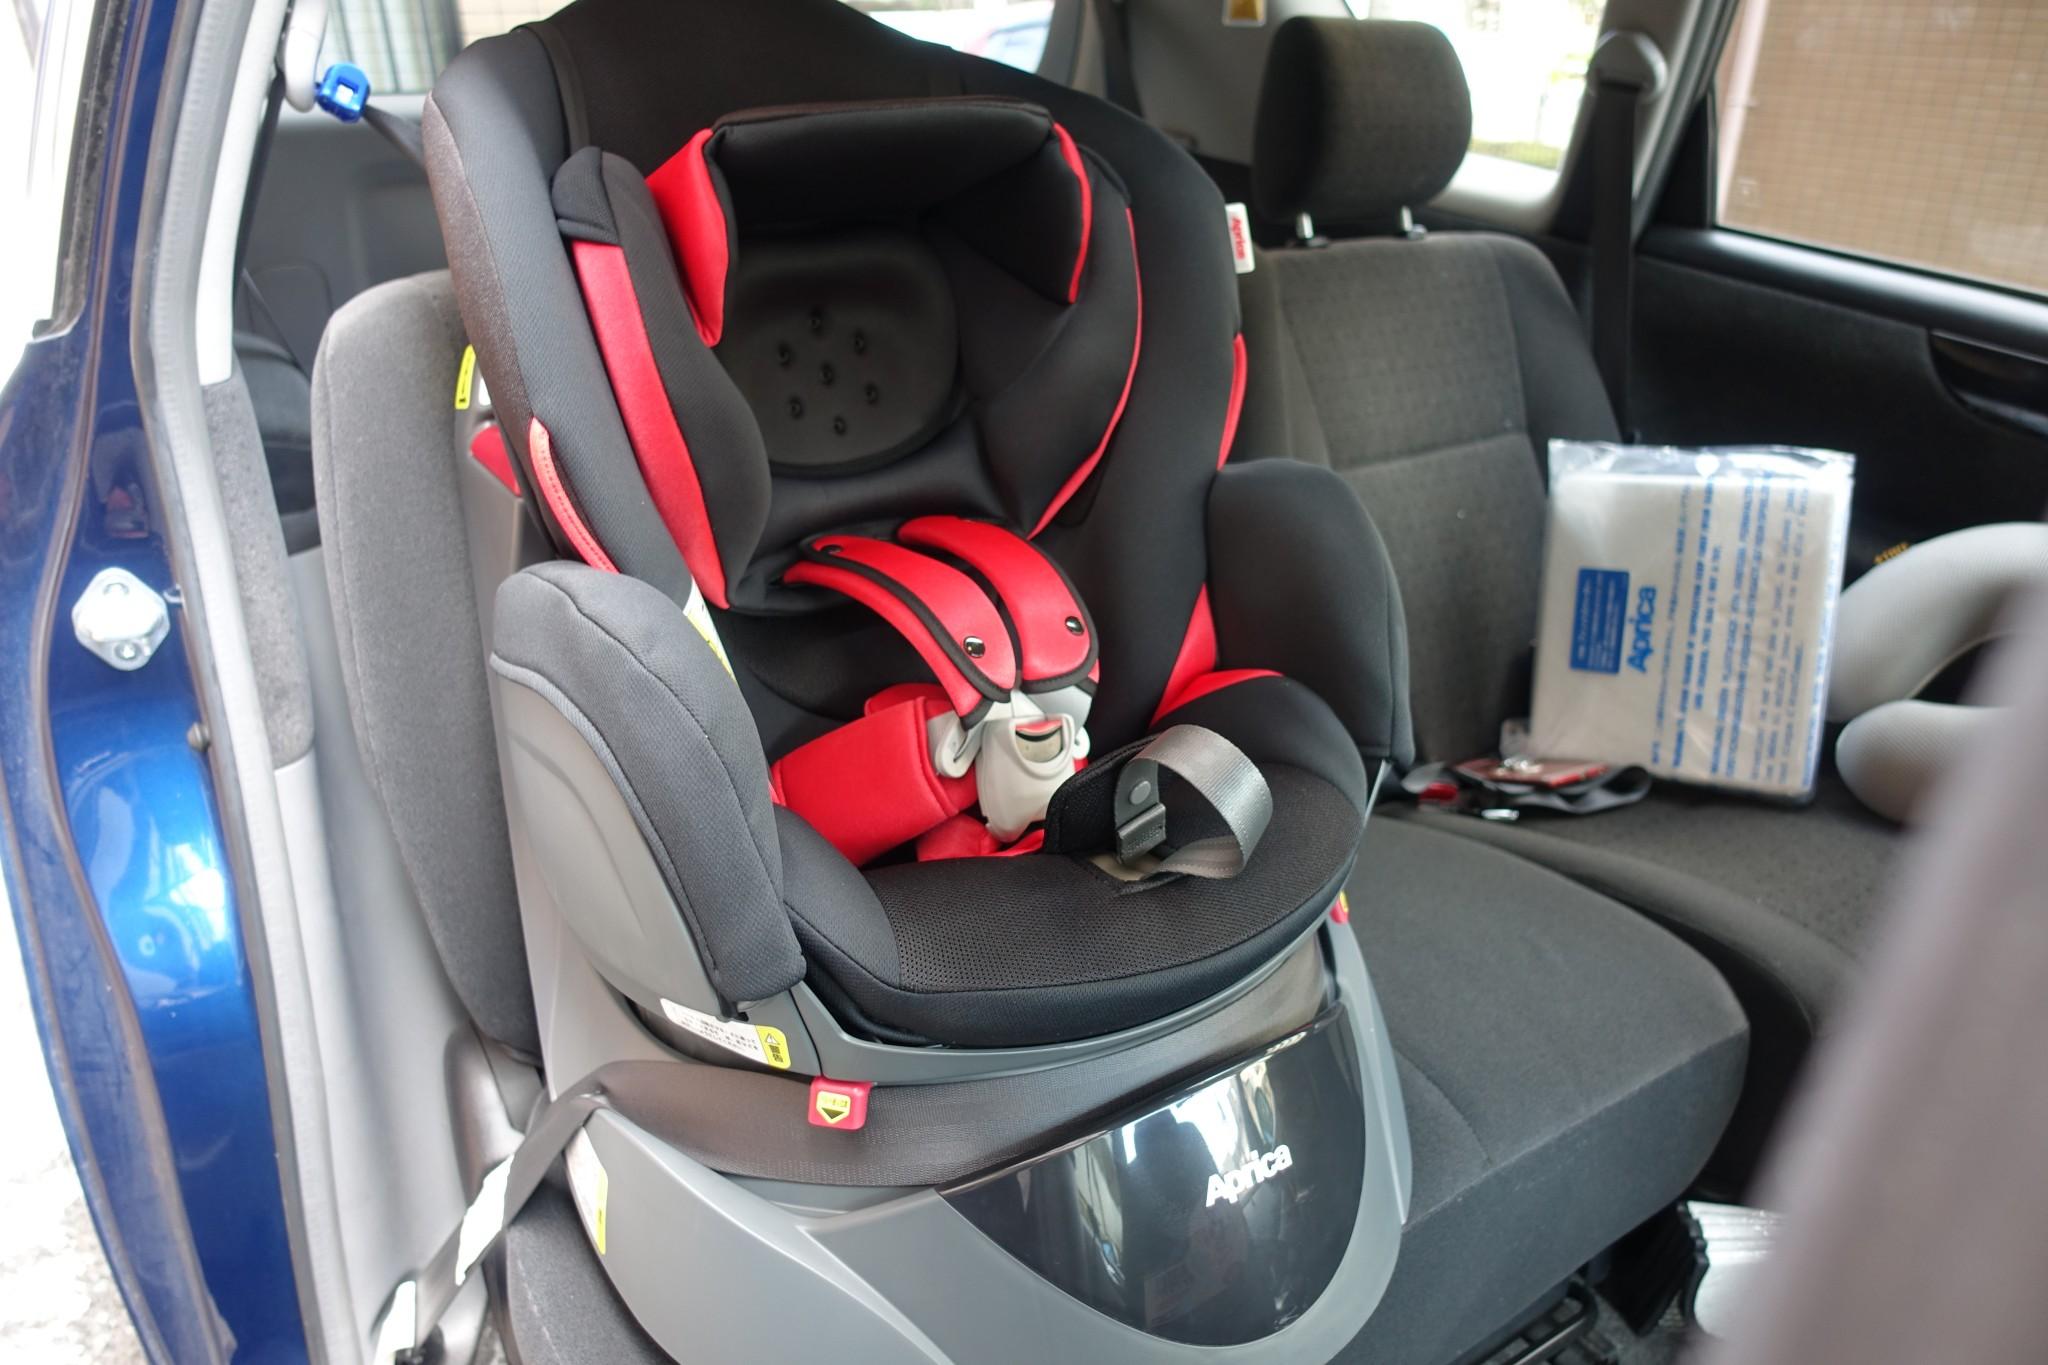 チャイルドシート「アップリカ ディアターンプラス」を購入!新生児にも使えて、お手頃&高機能。3つの決め手と装着写真を紹介!